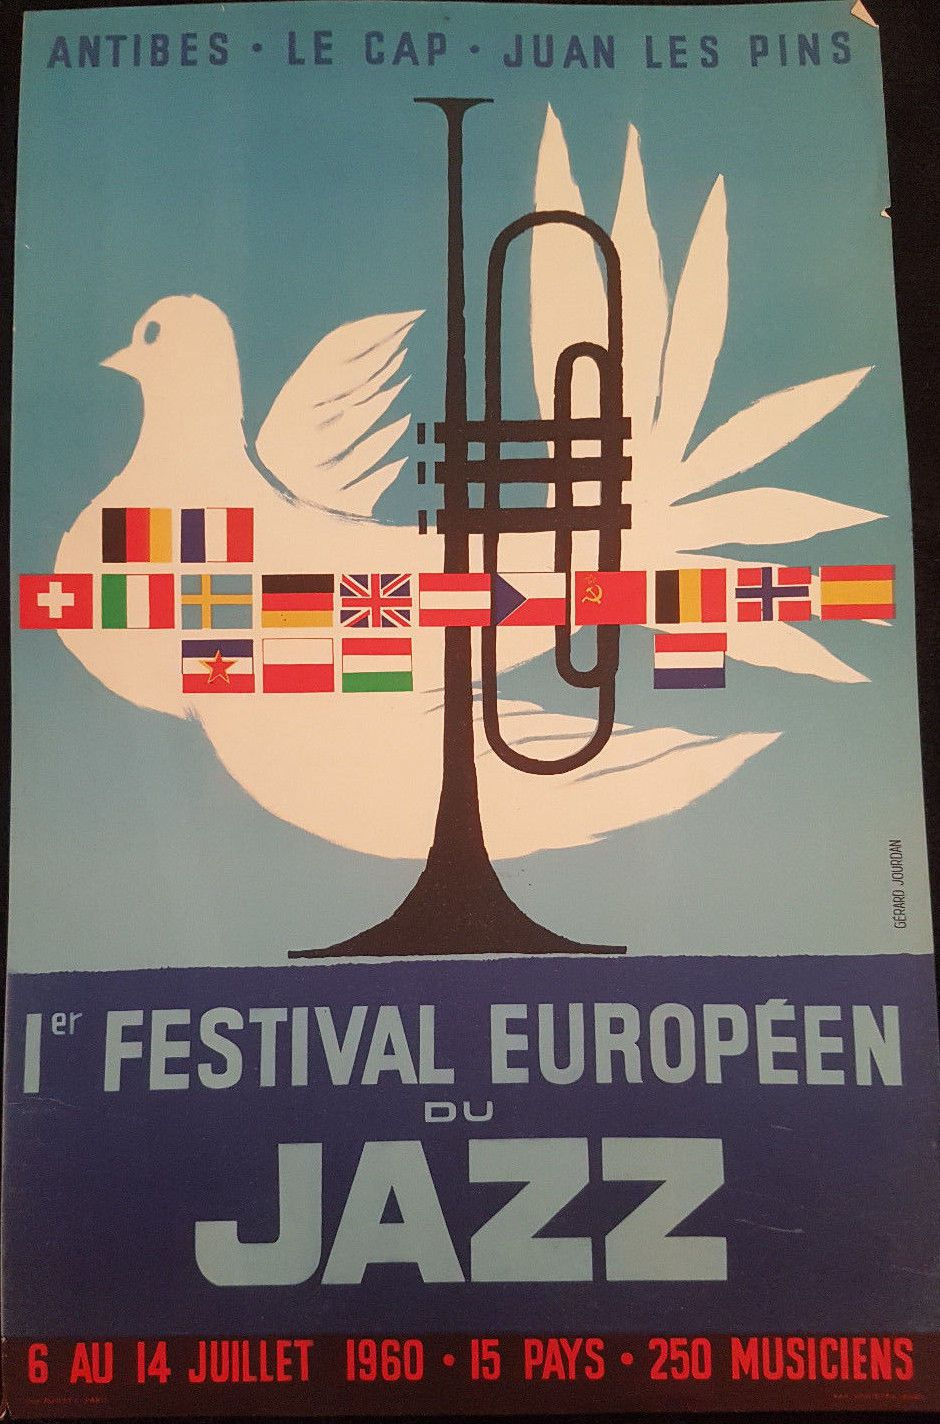 1ER FESTIVAL DE JAZZ A JUAN LES PINS: UN CONCEPT NOUVEAU POUR METTRE EN VALEUR LES GRANDS MUSICIENS DE JAZZ